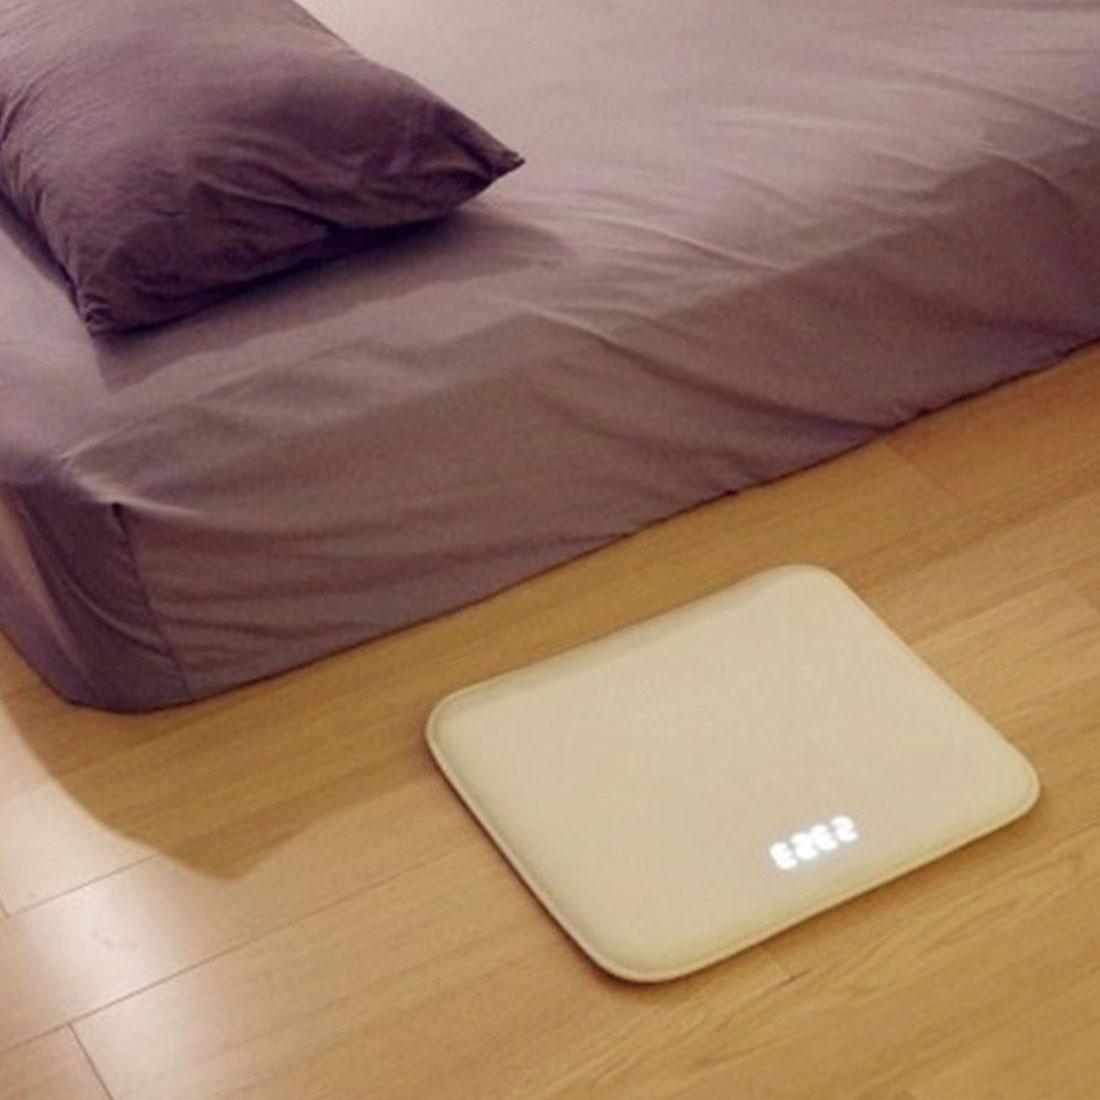 Réveil sensible à la pression tapis électronique horloge numérique chambre anti-dérapant résistant à l'usure tapis doux paresseux alarme cloche